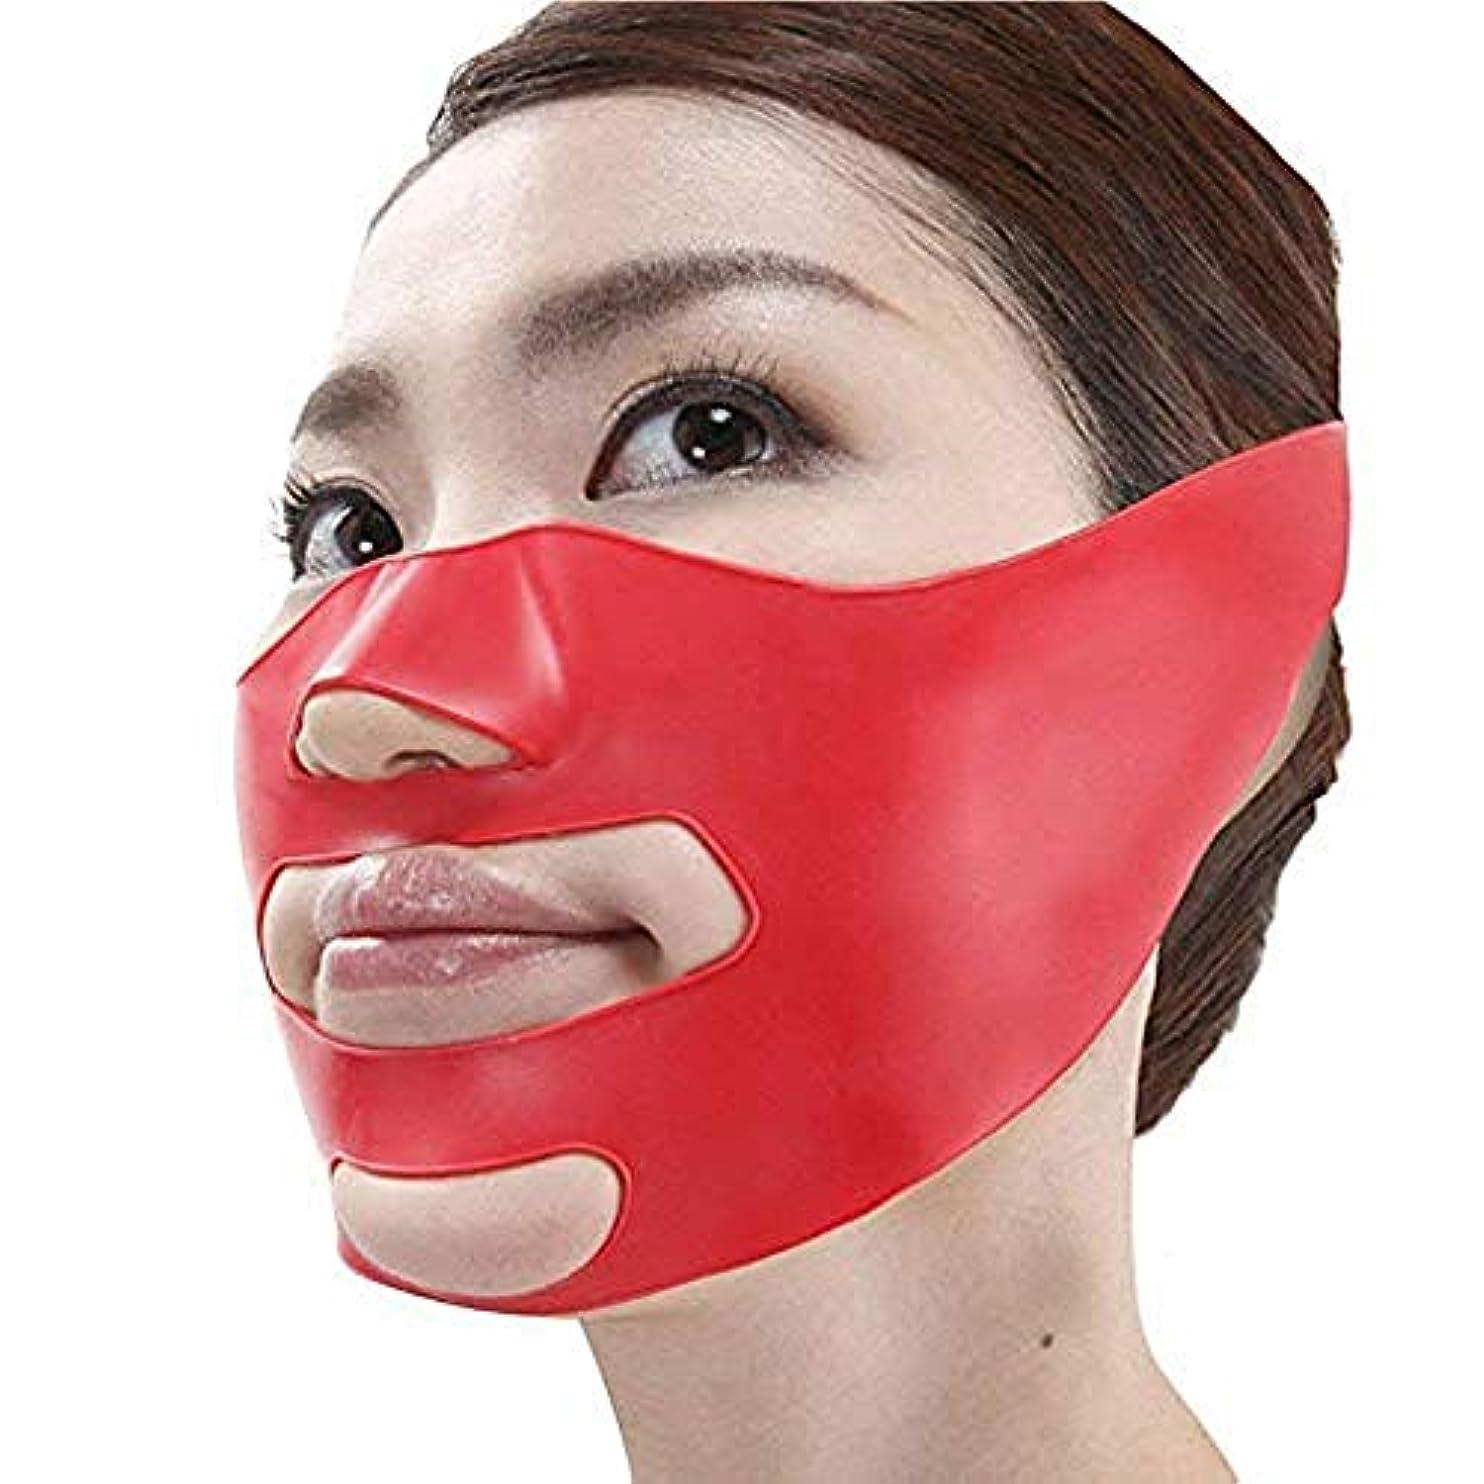 一時的マサッチョ吸収するLindexs 小顔矯正 マスク 小顔補正ベルト ほうれい線 3Dエクササイズマスク リフトスリムマスク 抗シワ サウナマスク 法令線予防 美容グッ (フリーサイズ)